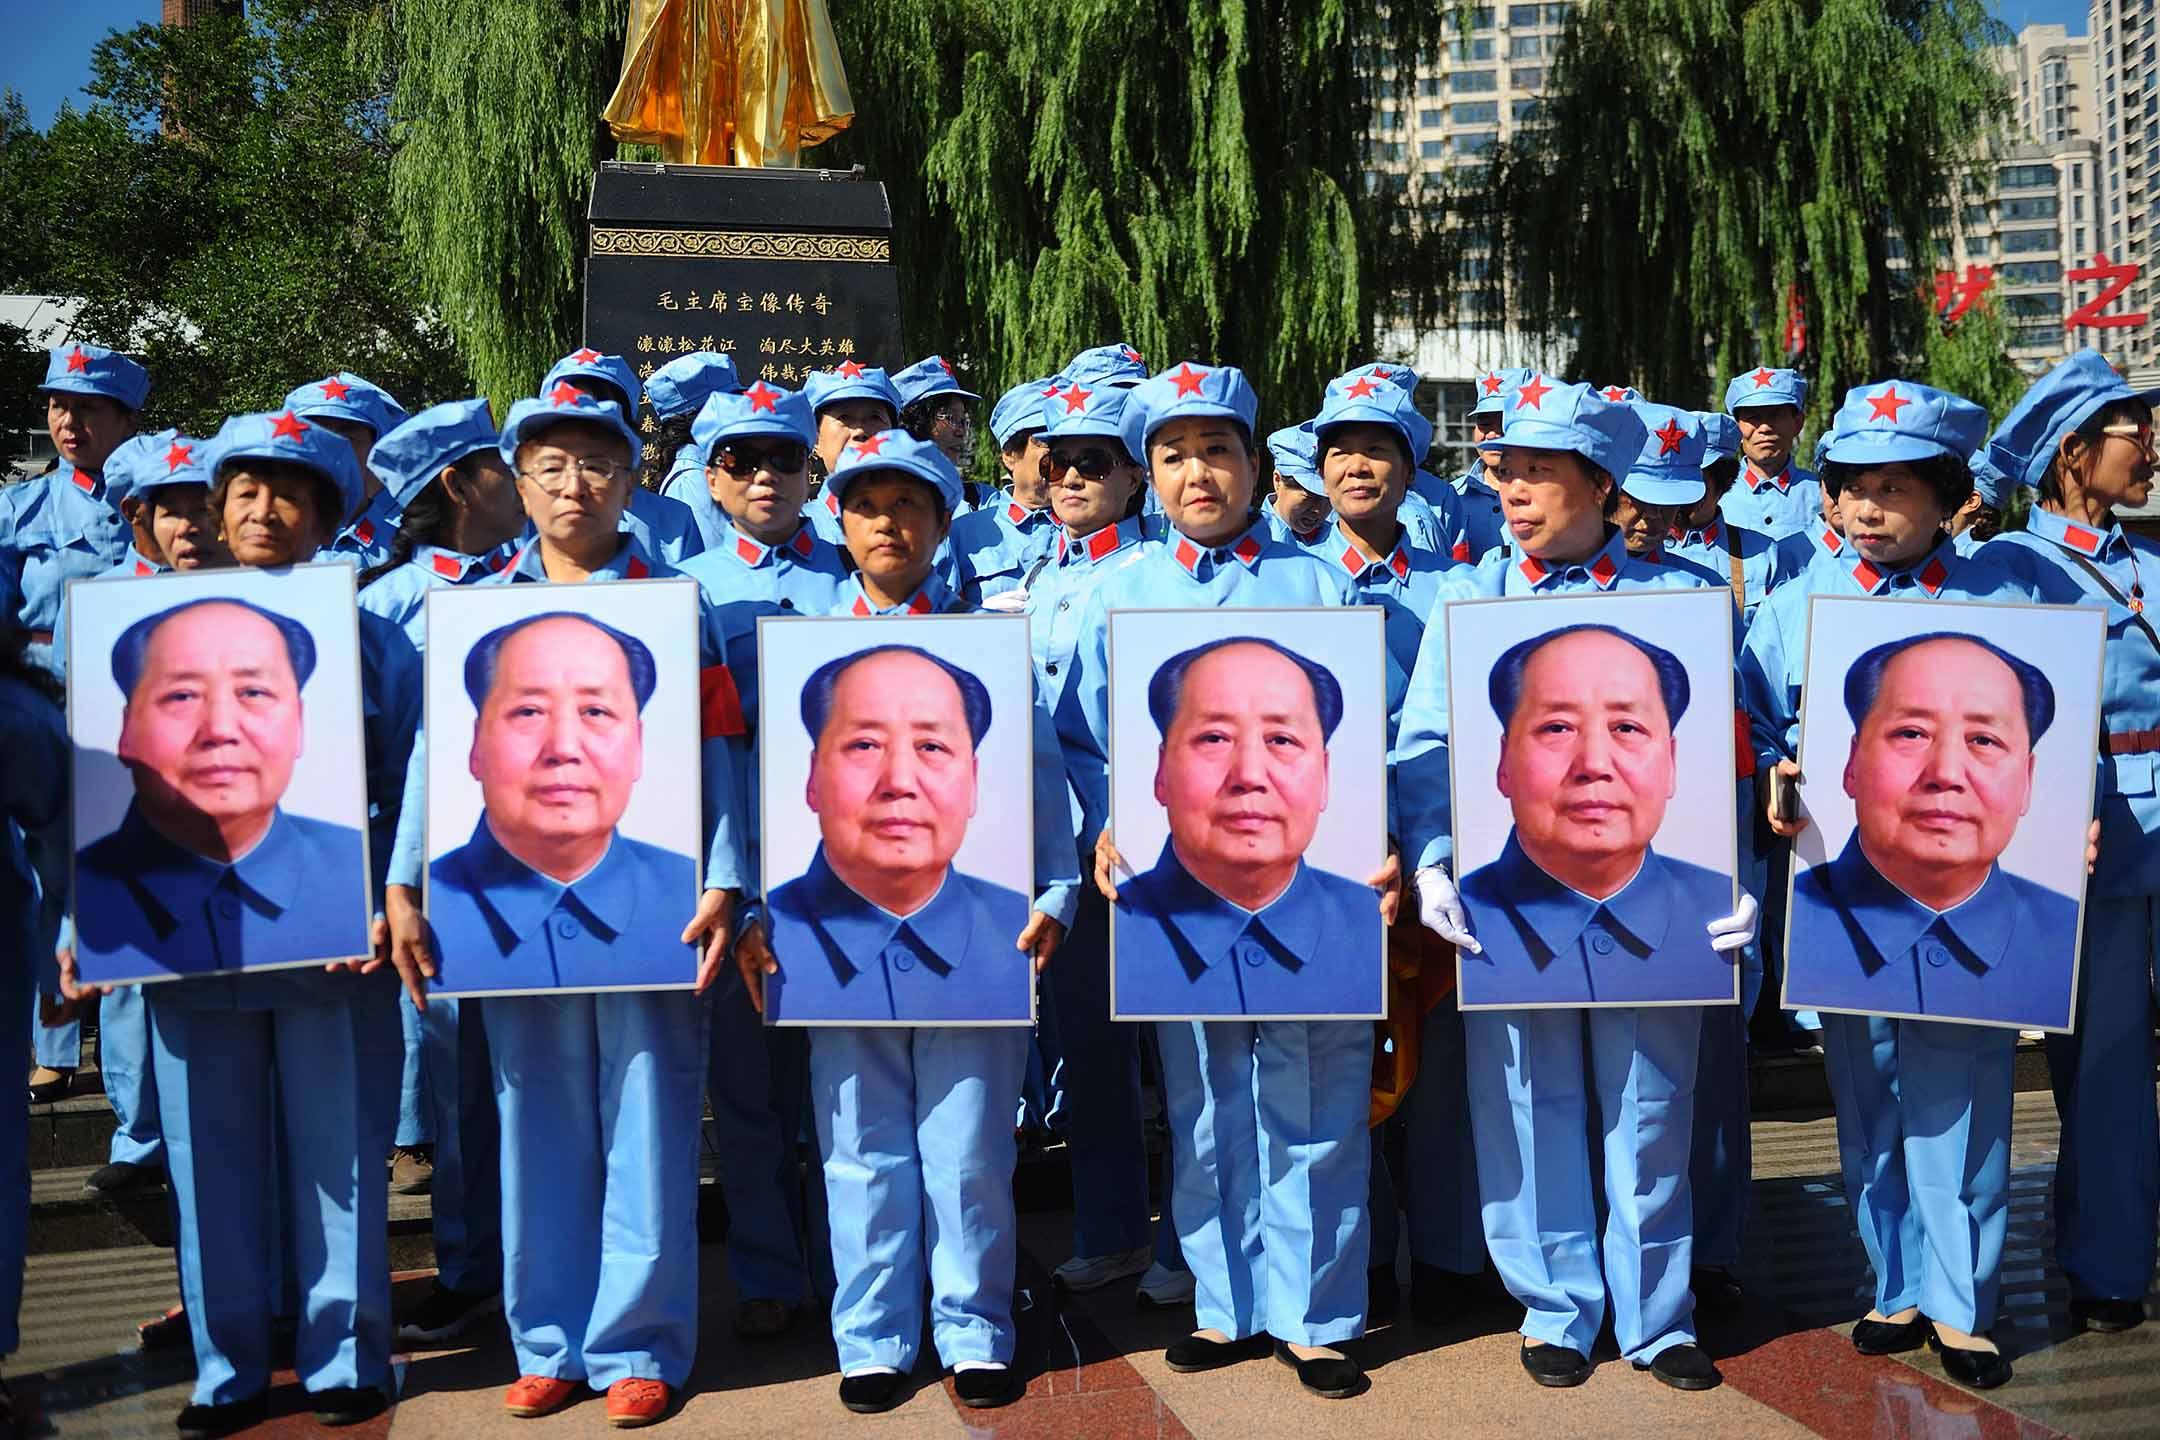 2019年9月9日中國哈爾濱,人們紀念前領導人毛澤東逝世 43 週年。